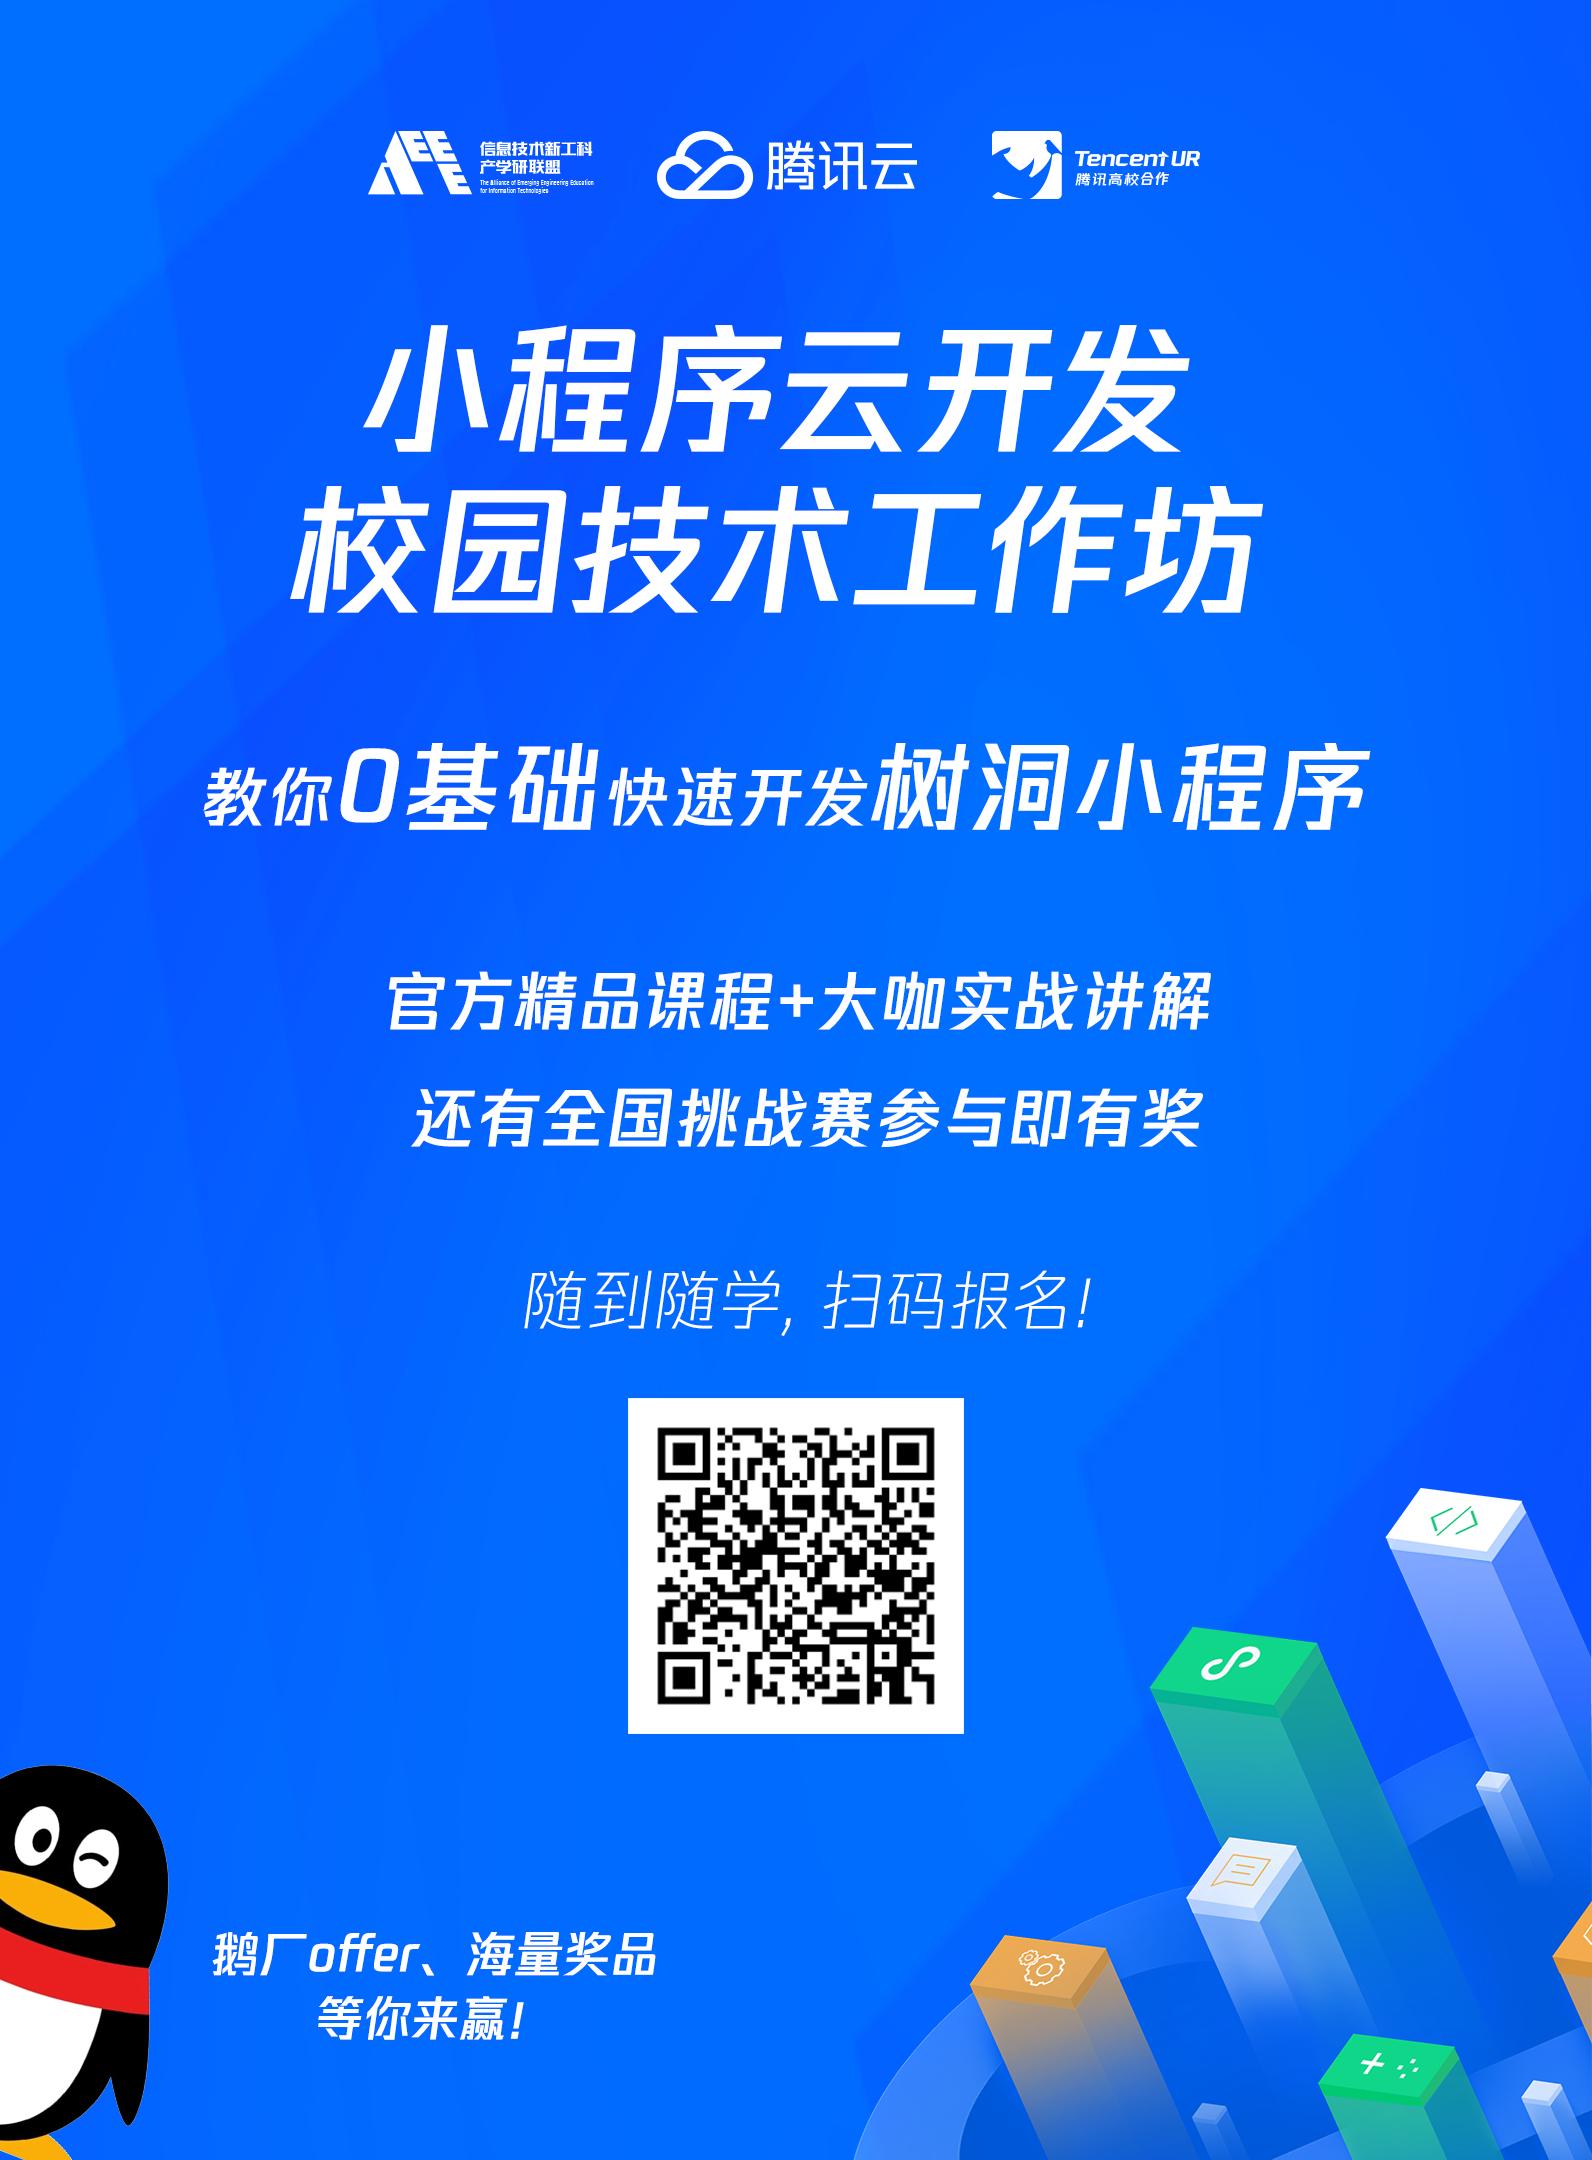 西南科技大学城市学院_2020校园云开发大赛事项